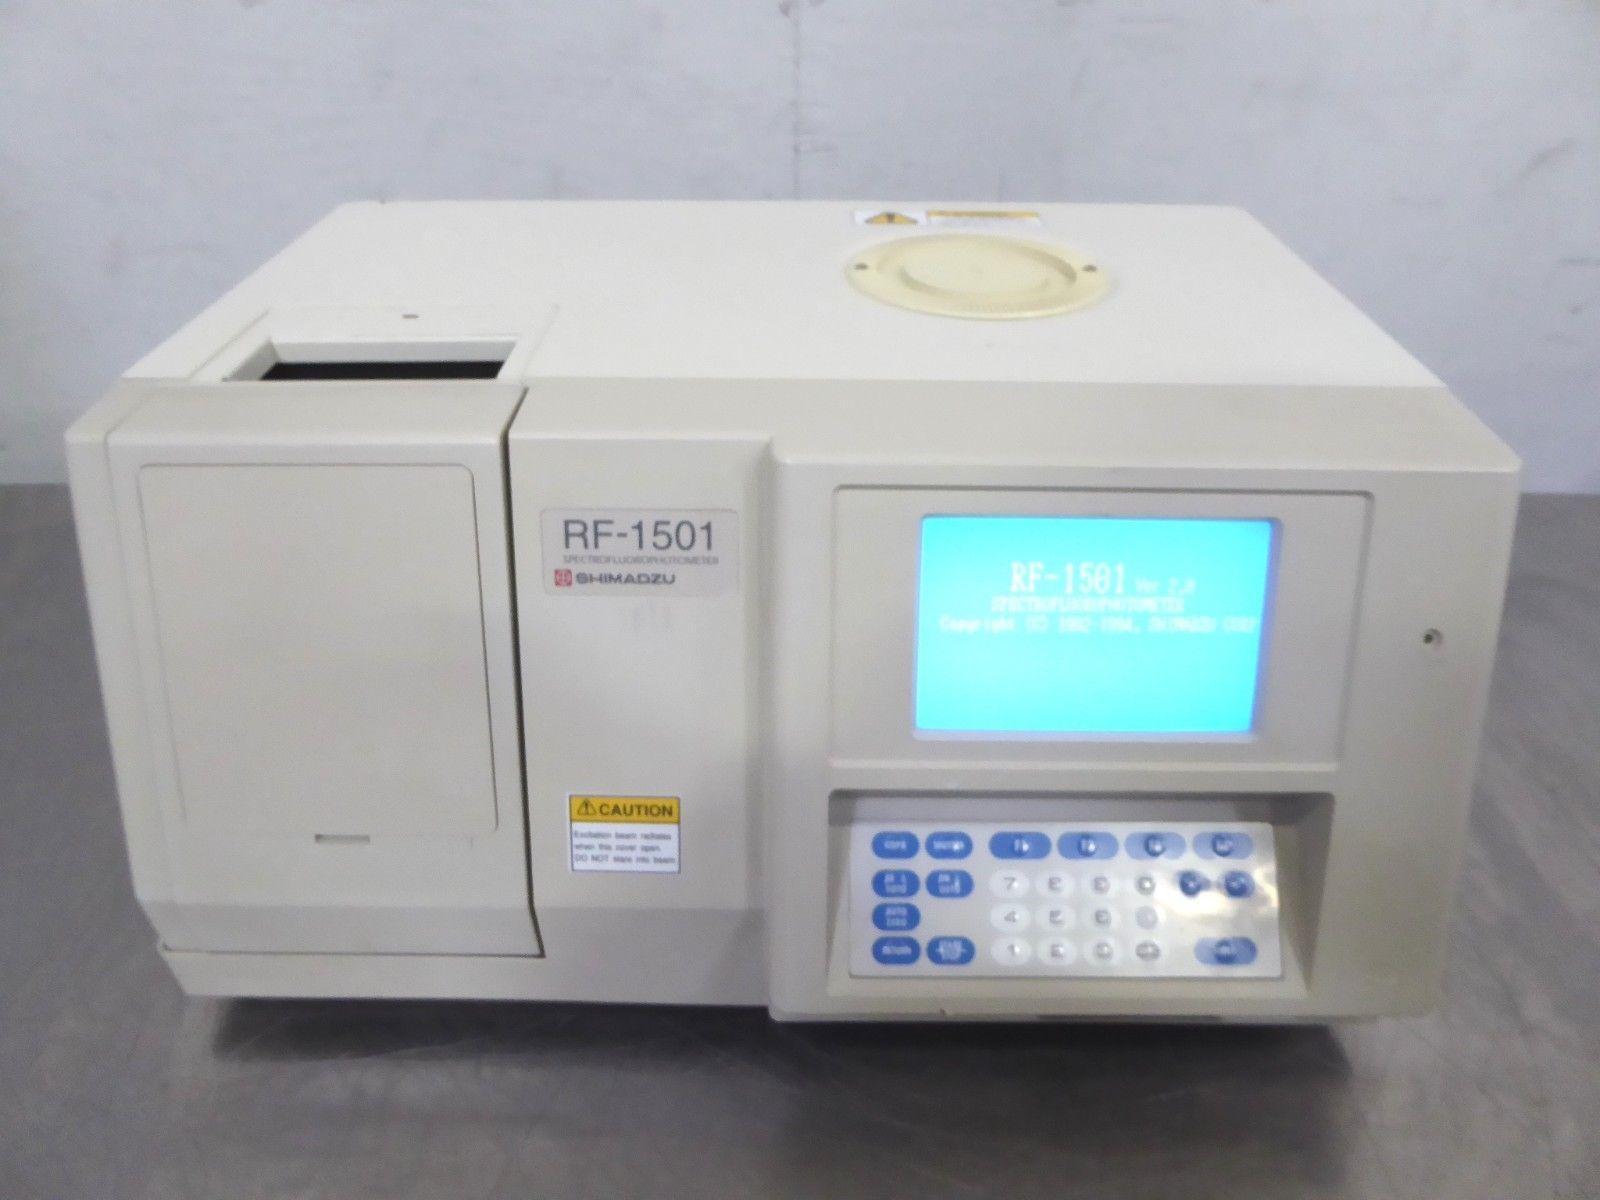 A147404 Shimadzu RF-1501 Spectrofluorophotometer System 206-62901-92